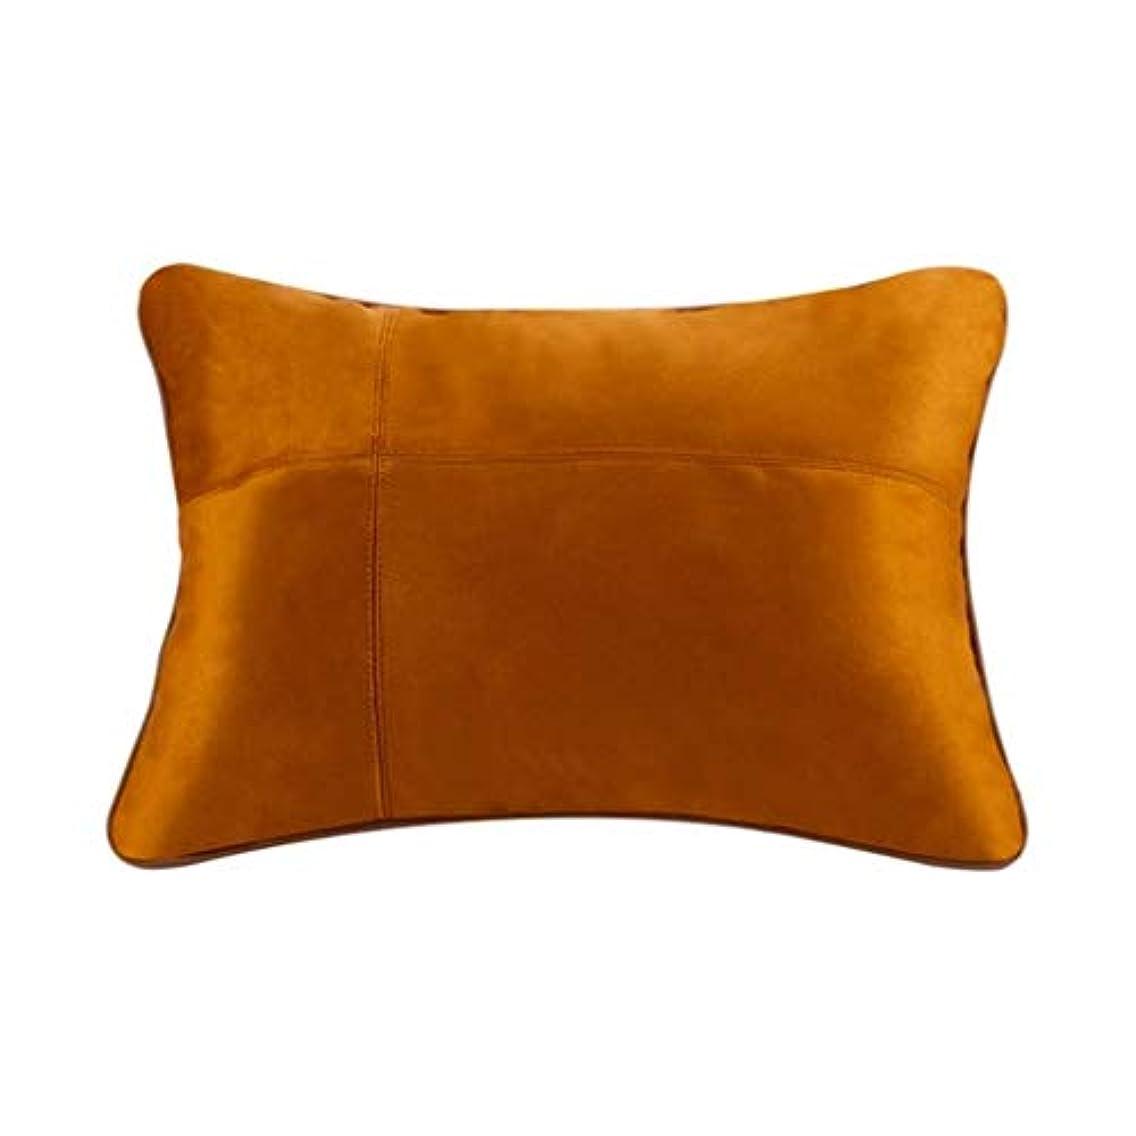 再集計暴露するに話す枕、腰部背部支持パッド、妊娠中の腰椎枕、腰用シートクッション、姿勢ブレース、腰痛を和らげる、低反発腰椎背もたれ枕、オフィスカーチェア、車の室内装飾 (Color : Brown)